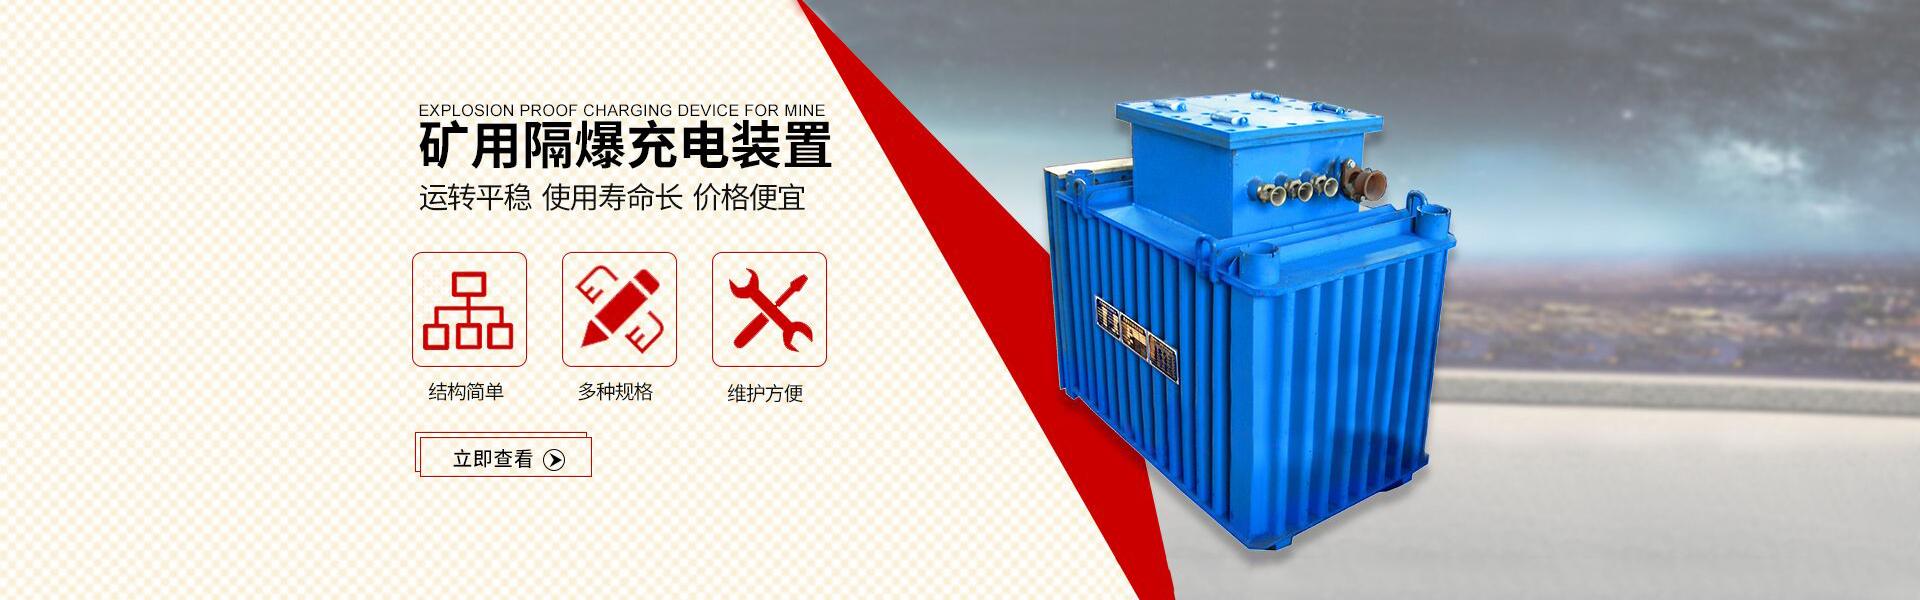 矿用隔爆充电装置